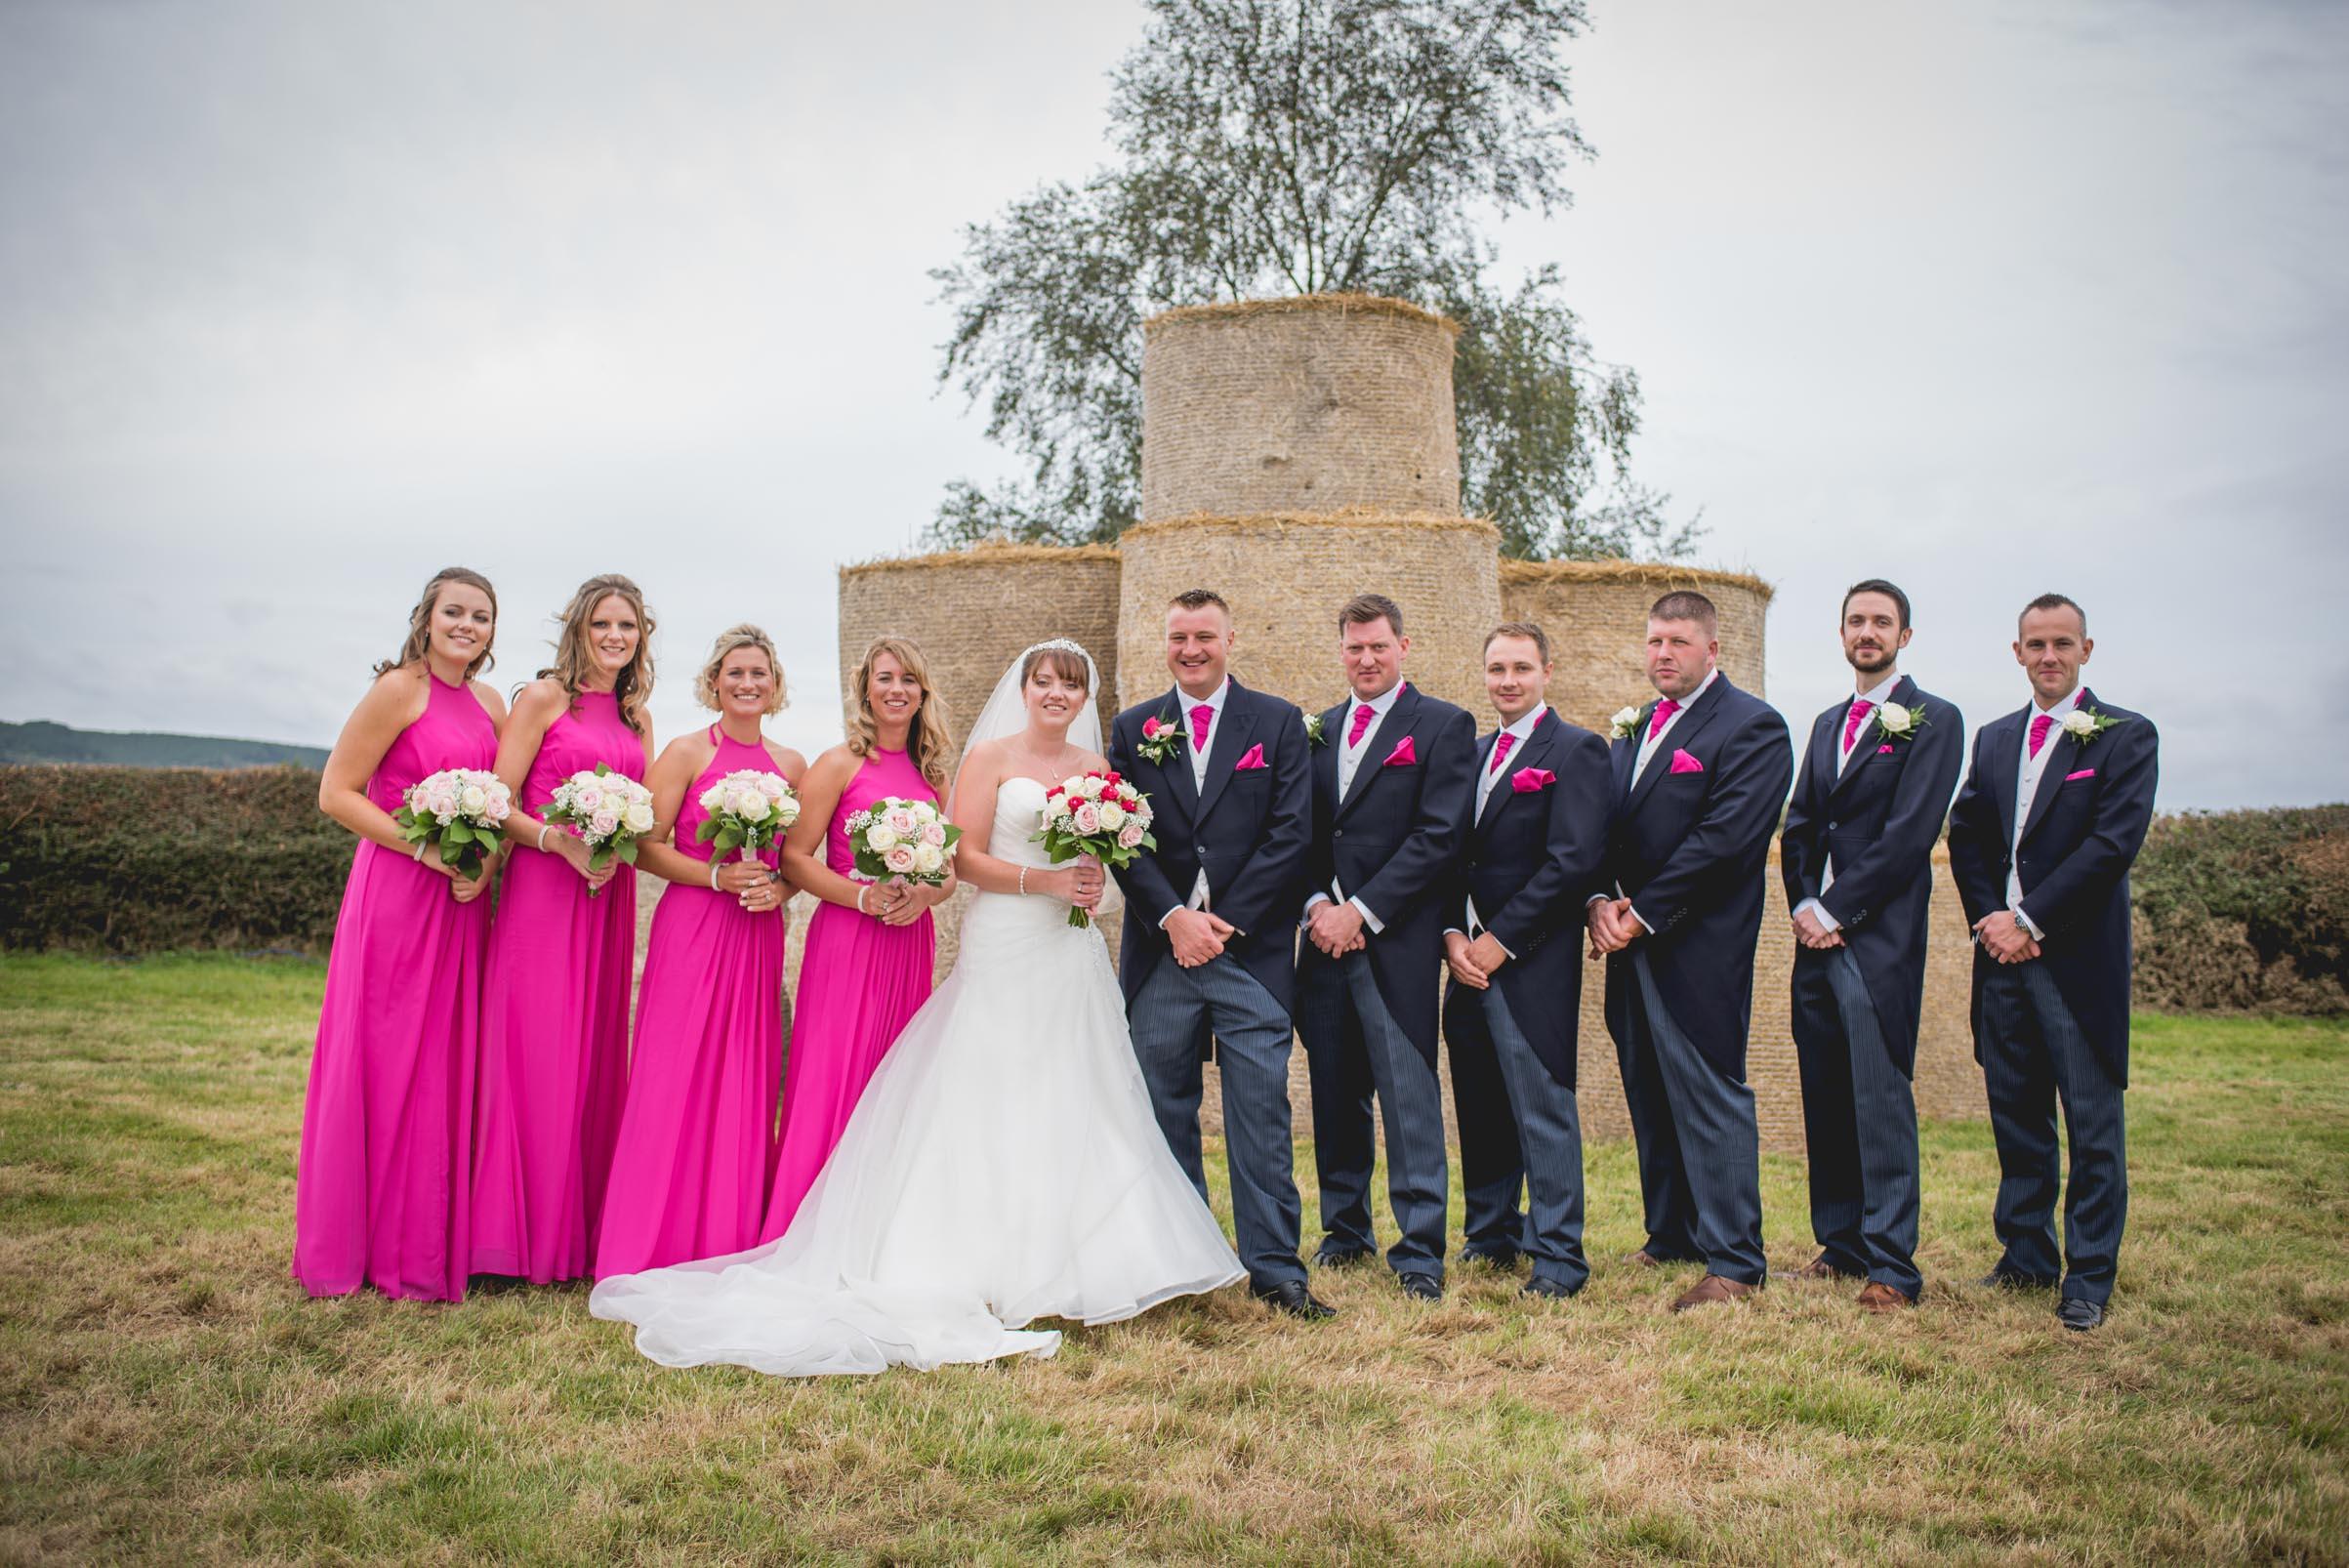 Farm-wedding-staffordshire-st-marys-catholic-church-uttoxter-66.jpg